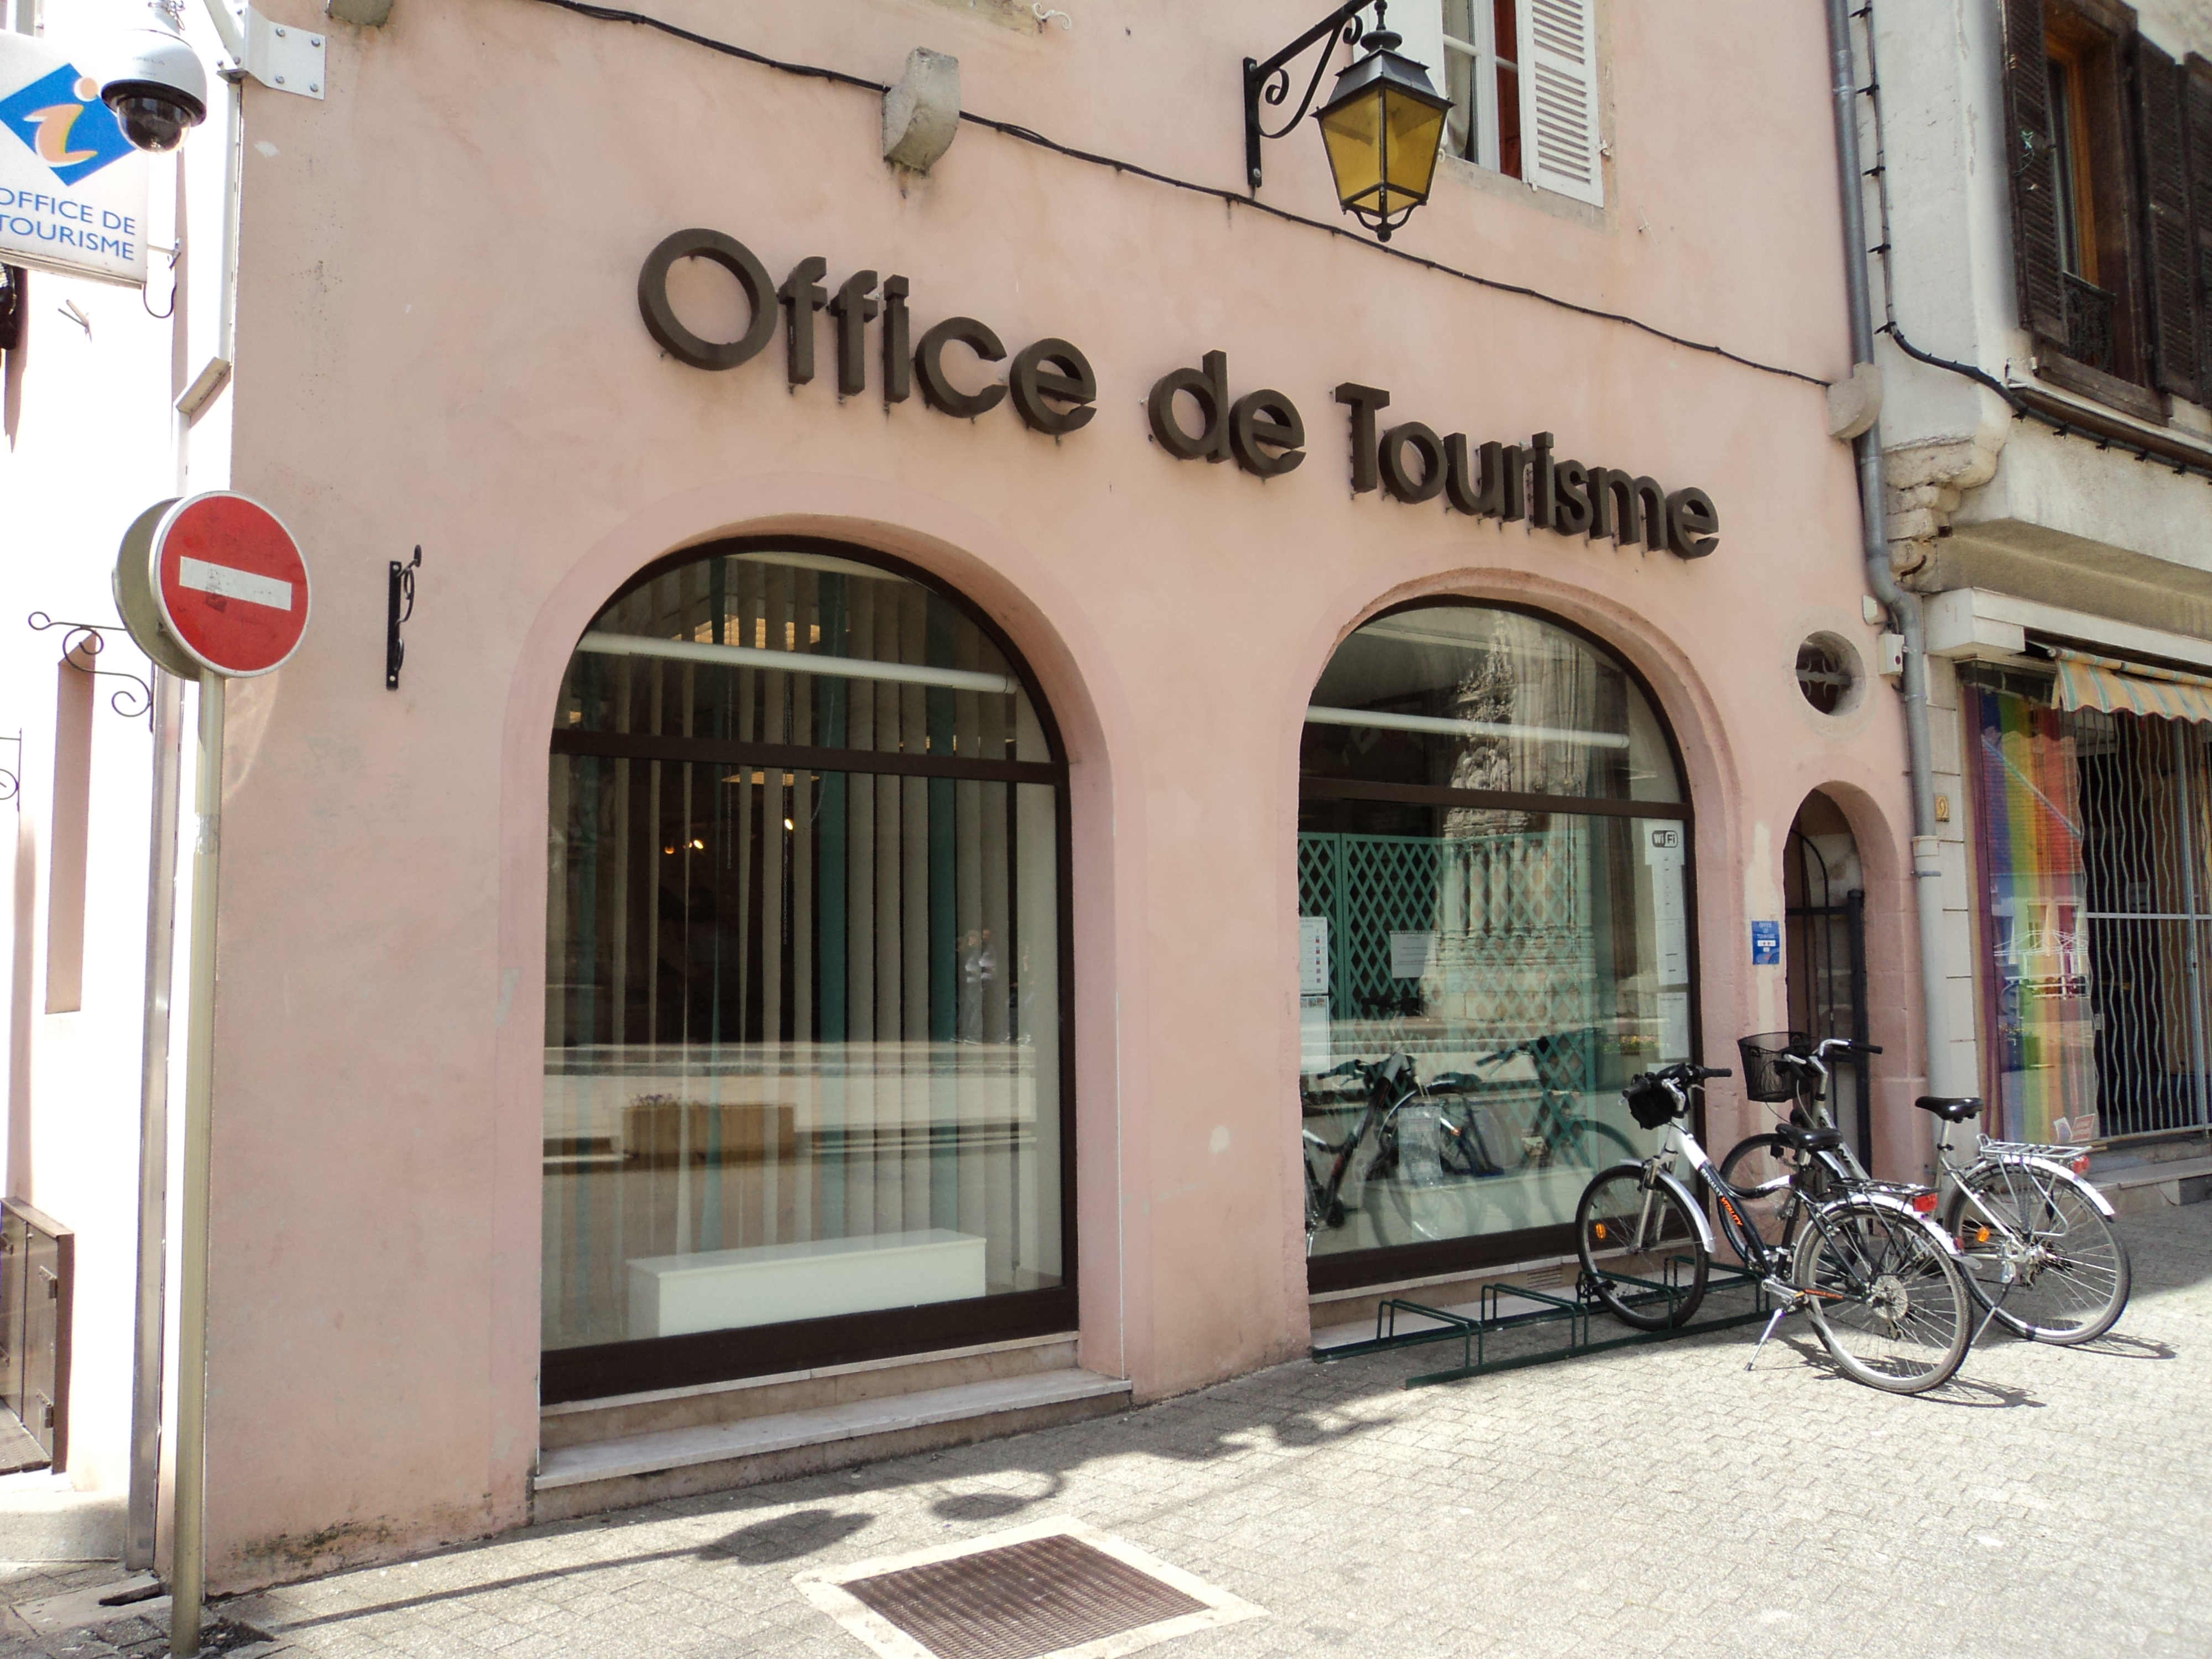 Office de tourisme d 39 auxonne auxonne c te d 39 or en bourgogne c te d 39 or tourisme - Office tourisme cote d or ...